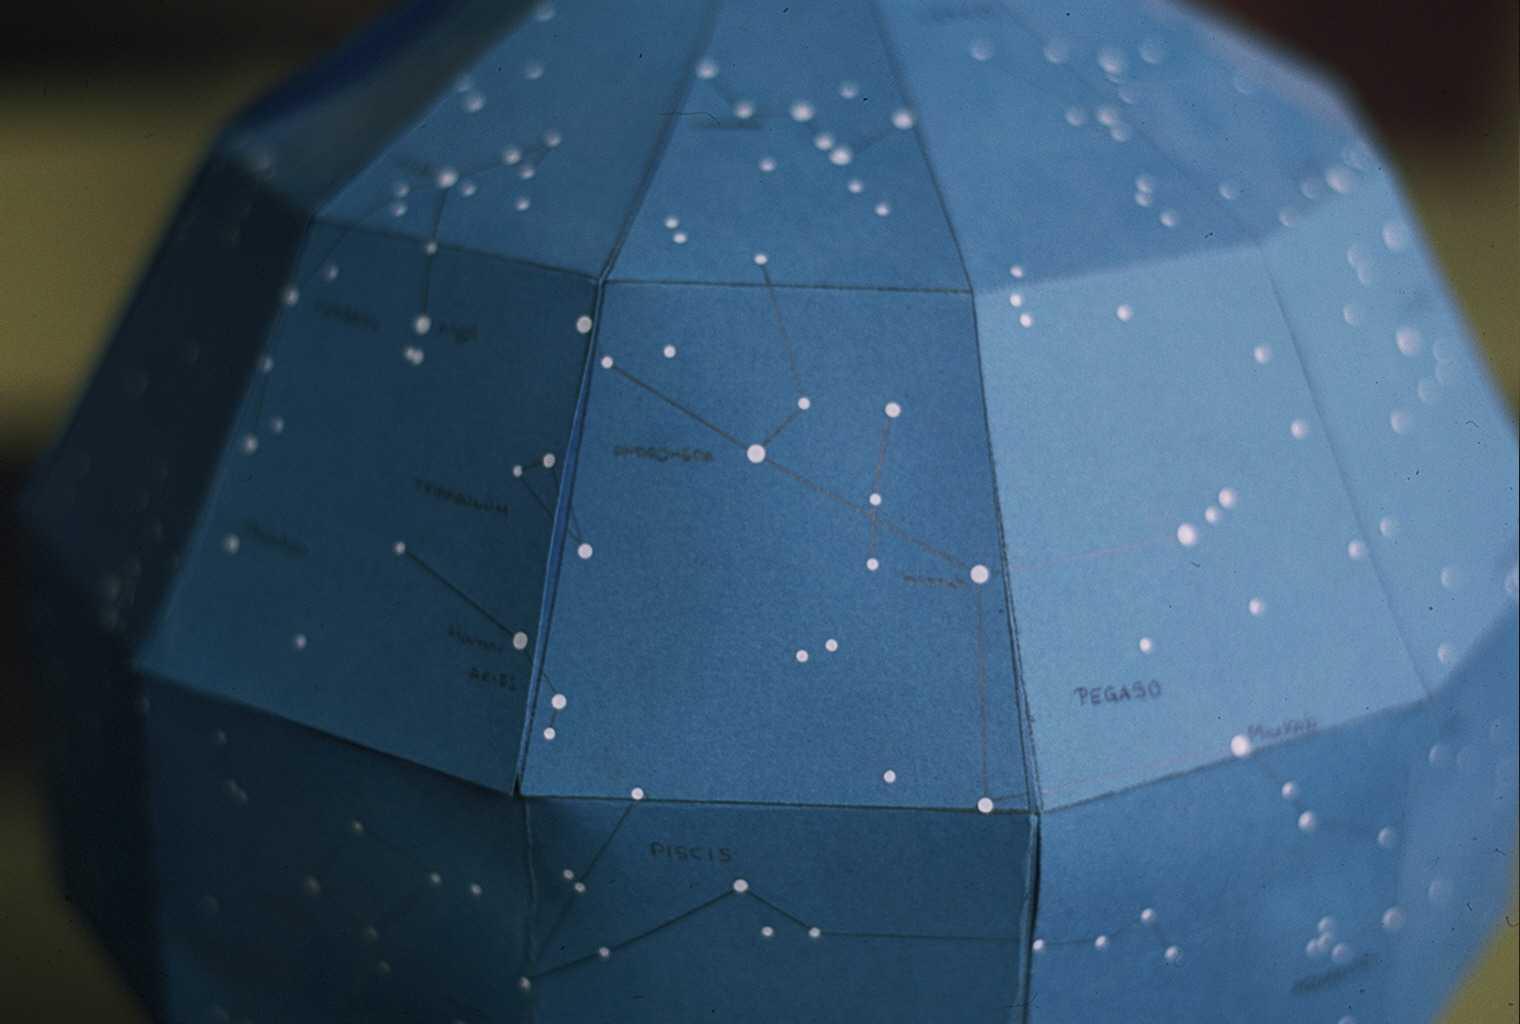 C:\2016agosto\Astronomía\Clases\fotos trabajos escolares\esfera celeste recortable.jpg